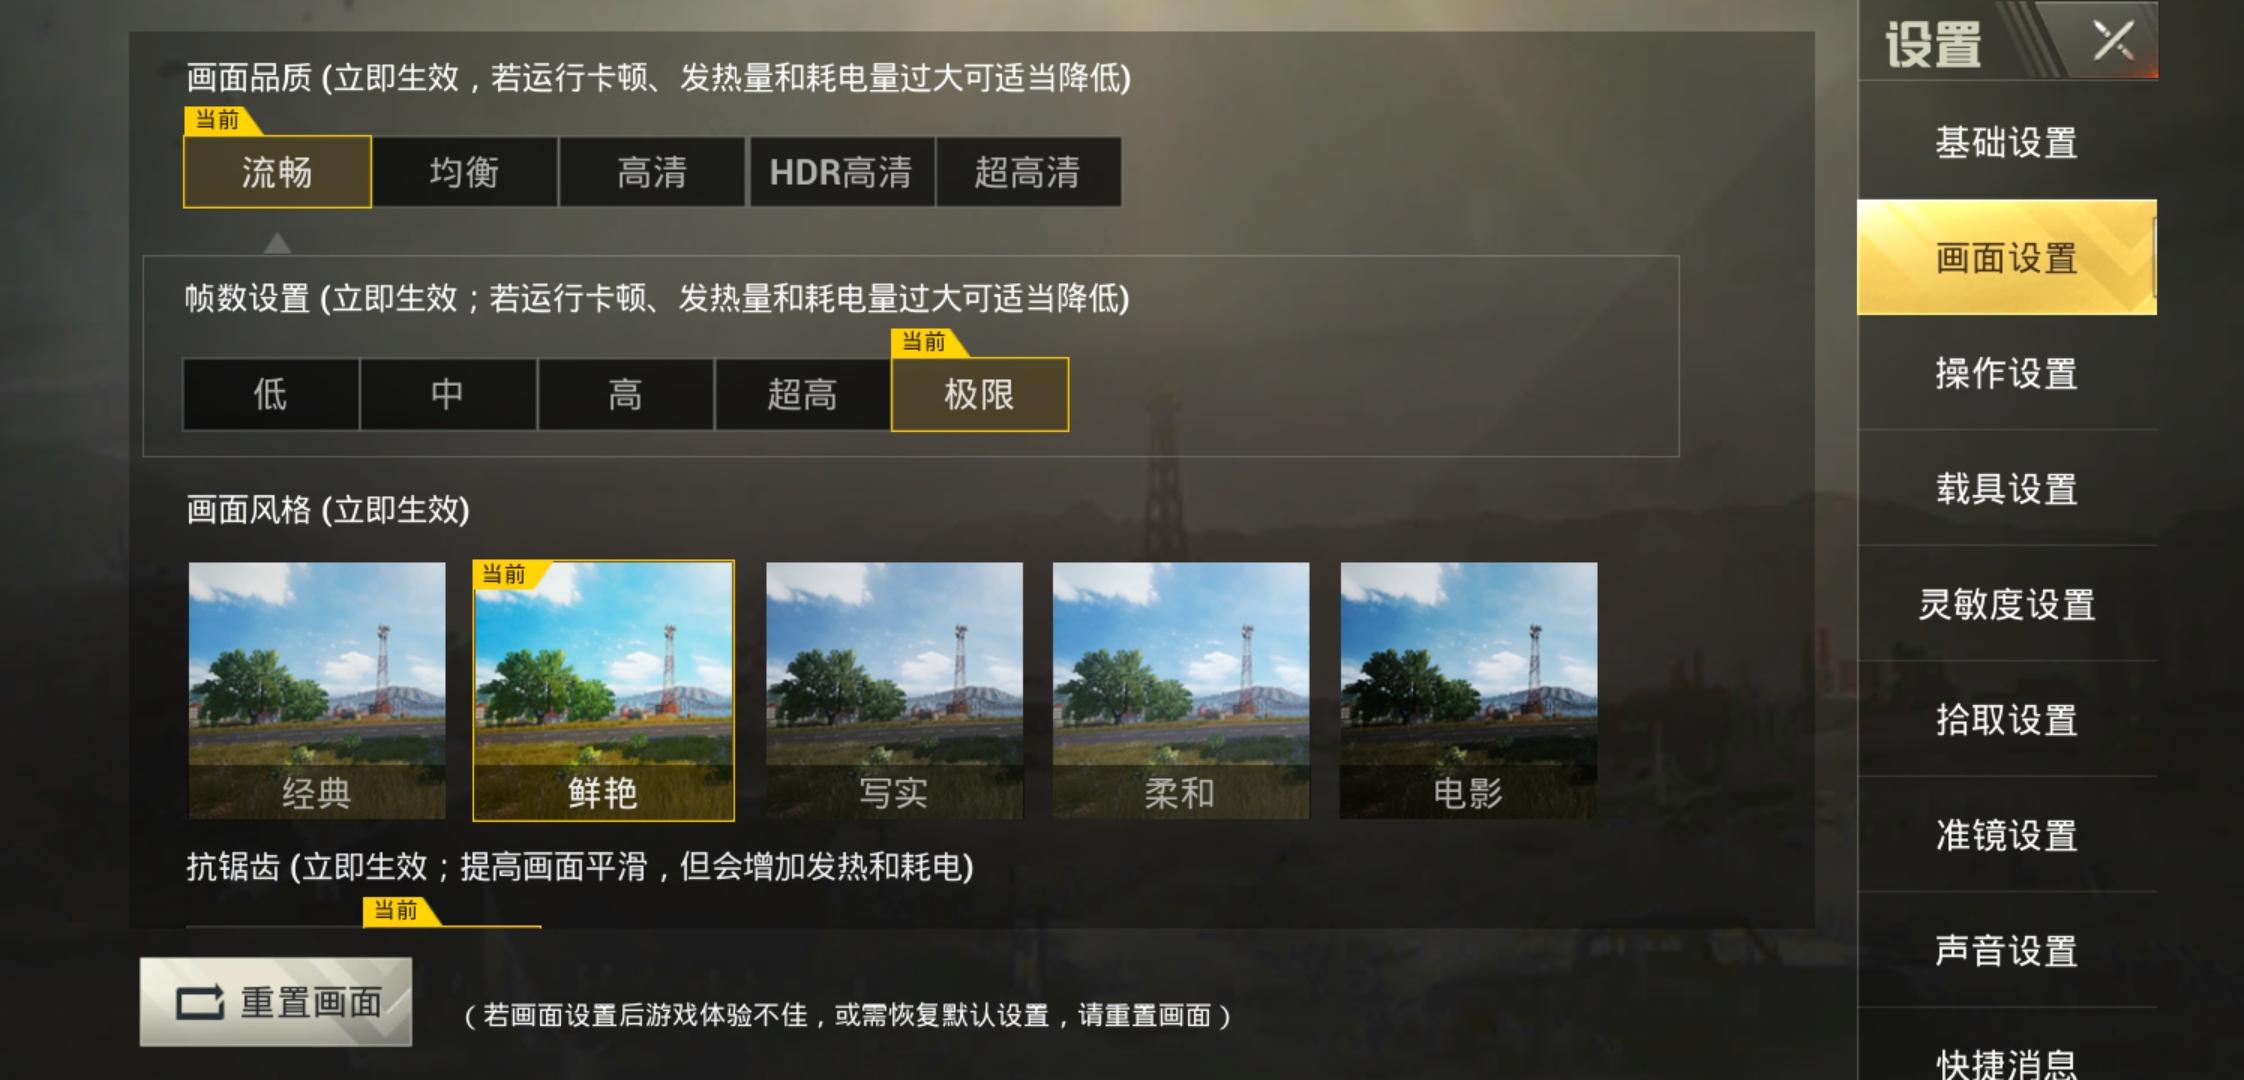 Screenshot_20190227_144421_com.tencent.tmgp.pubgm.jpg